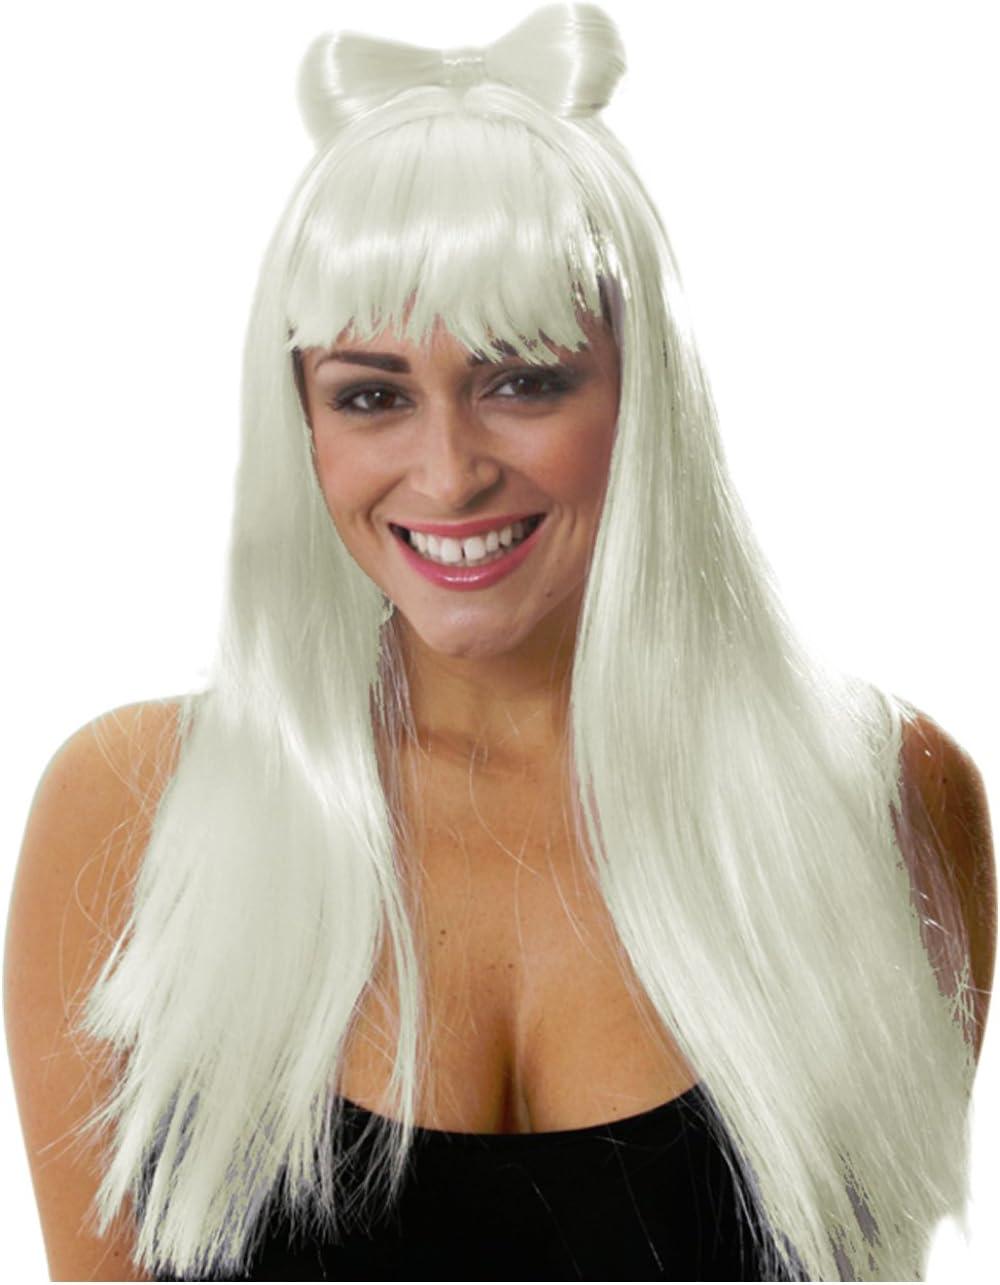 gaga peluca con pelo lazo Star peluca de pelo largo peluca Lady: Amazon.es: Salud y cuidado personal